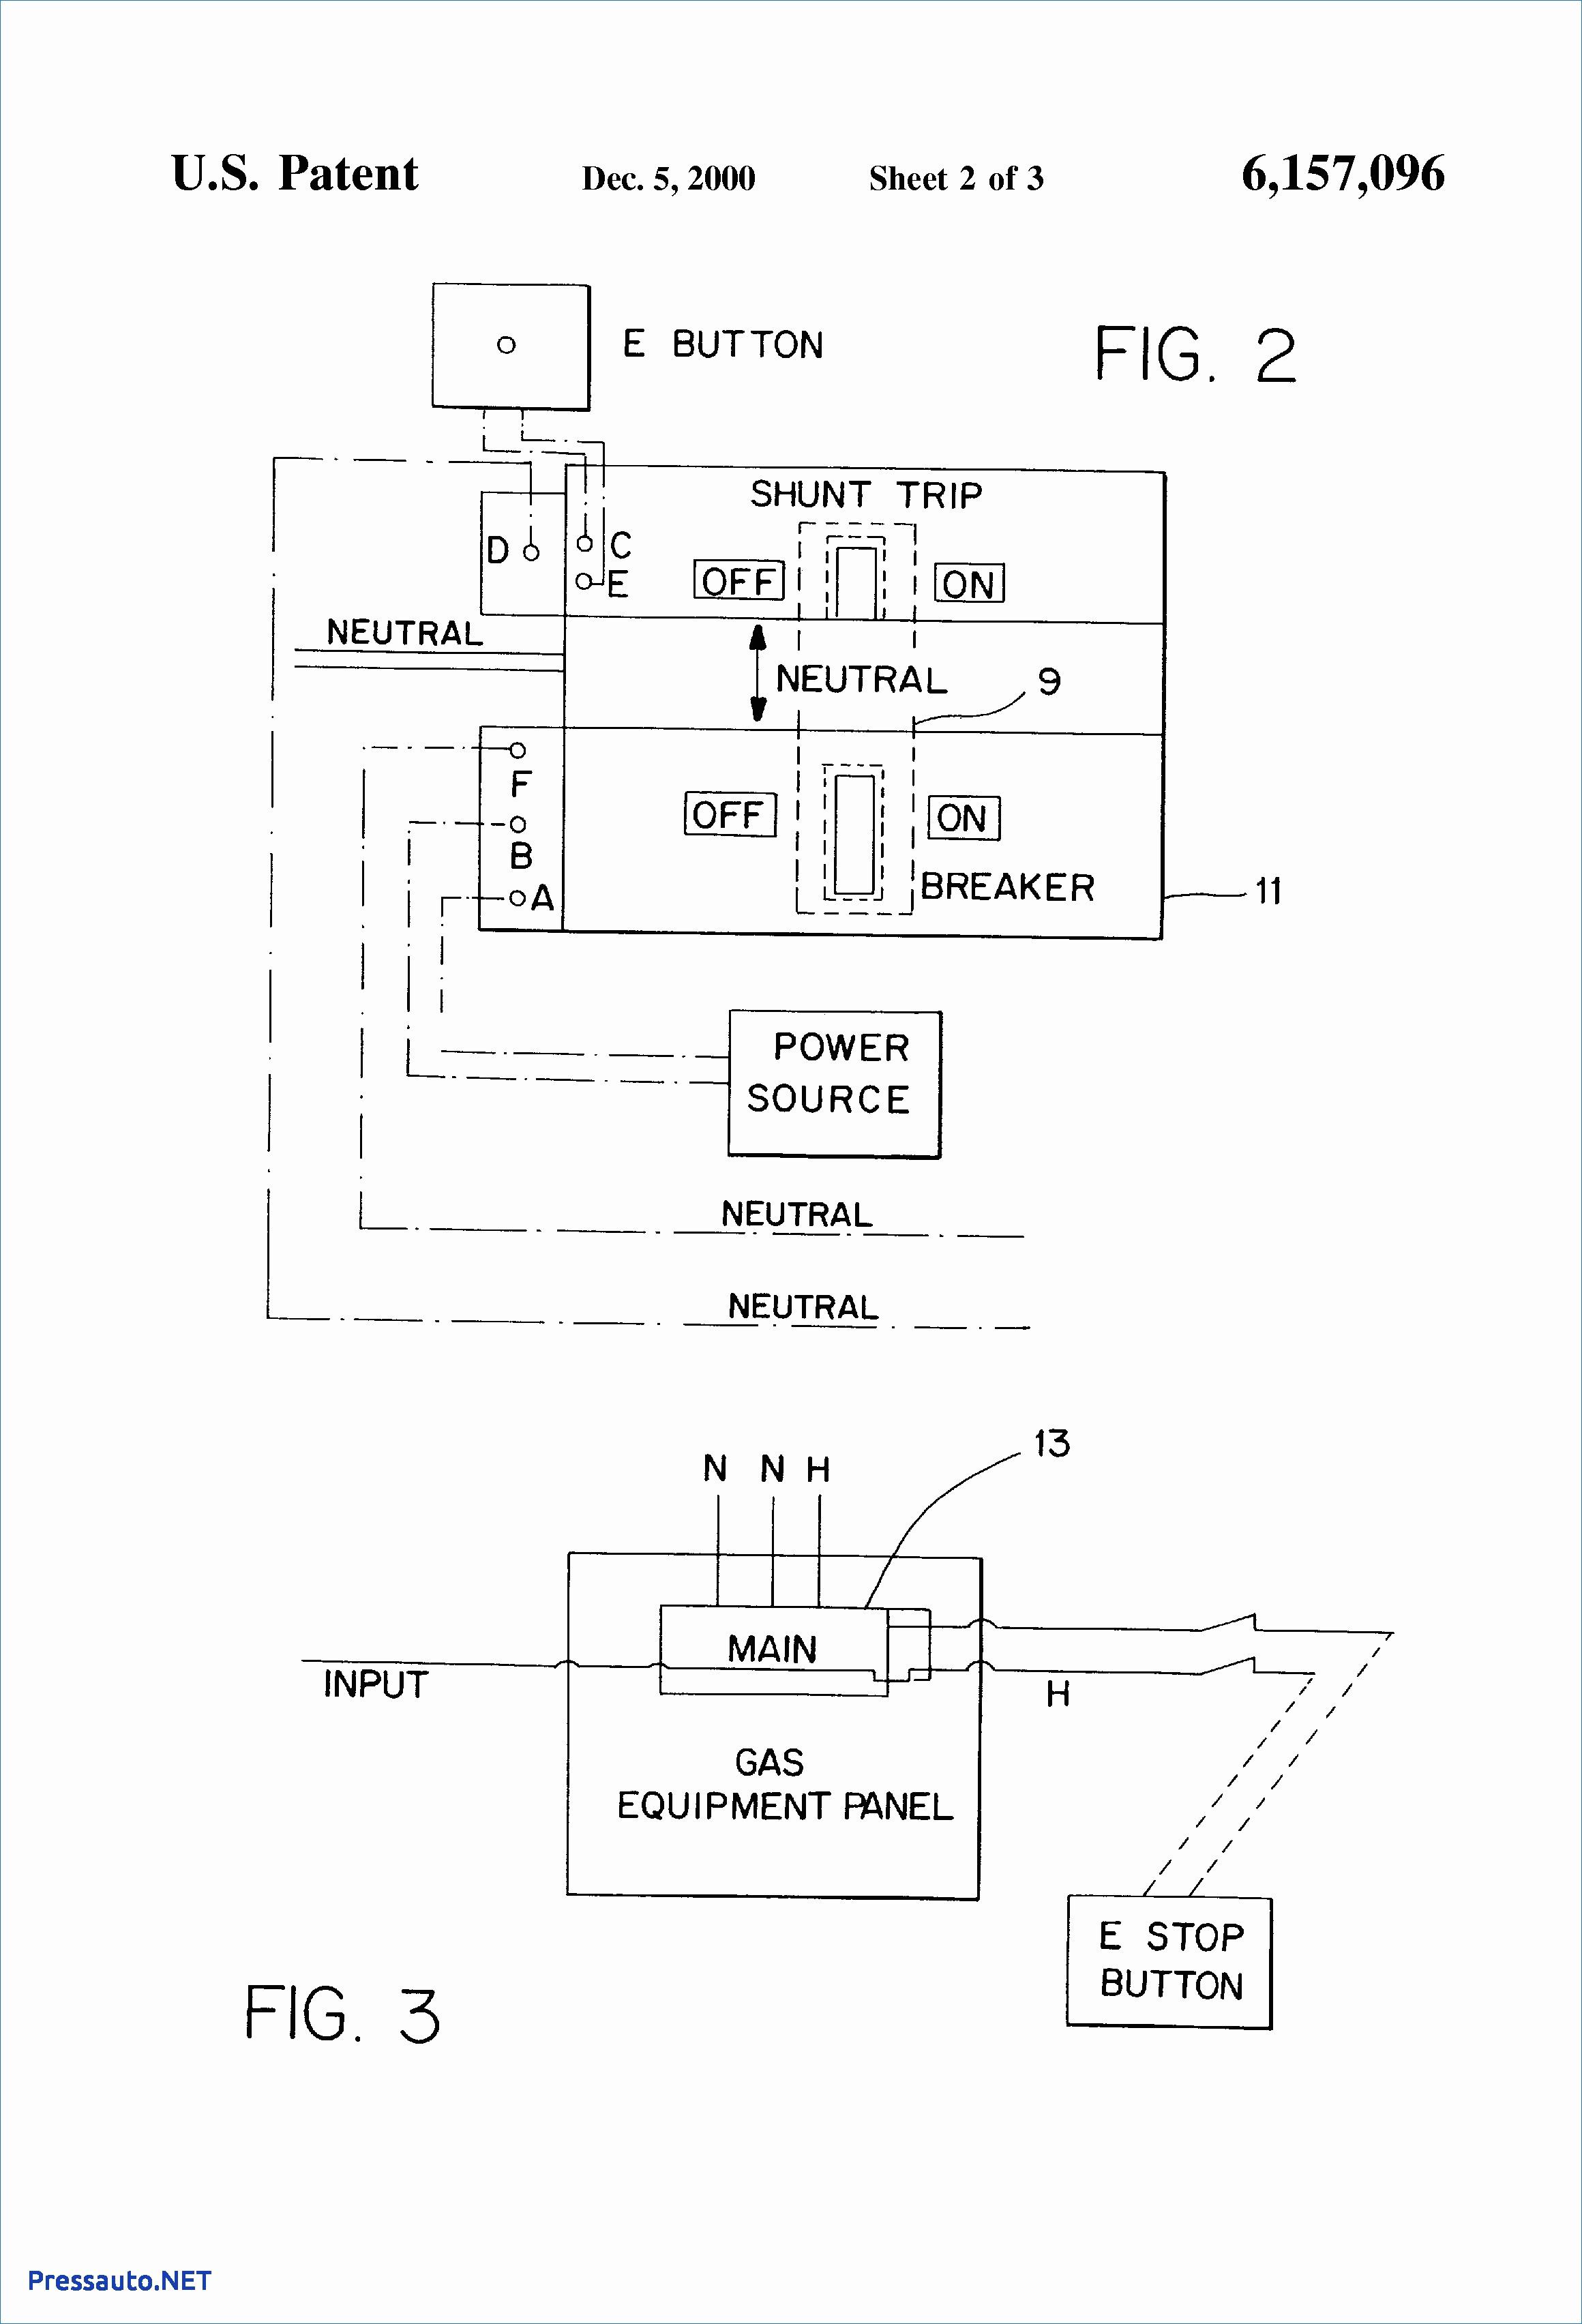 Wiring Diagram Shunt Trip Breaker Circuits This - Wiring Diagrams Lose - Shunt Trip Breaker Wiring Diagram